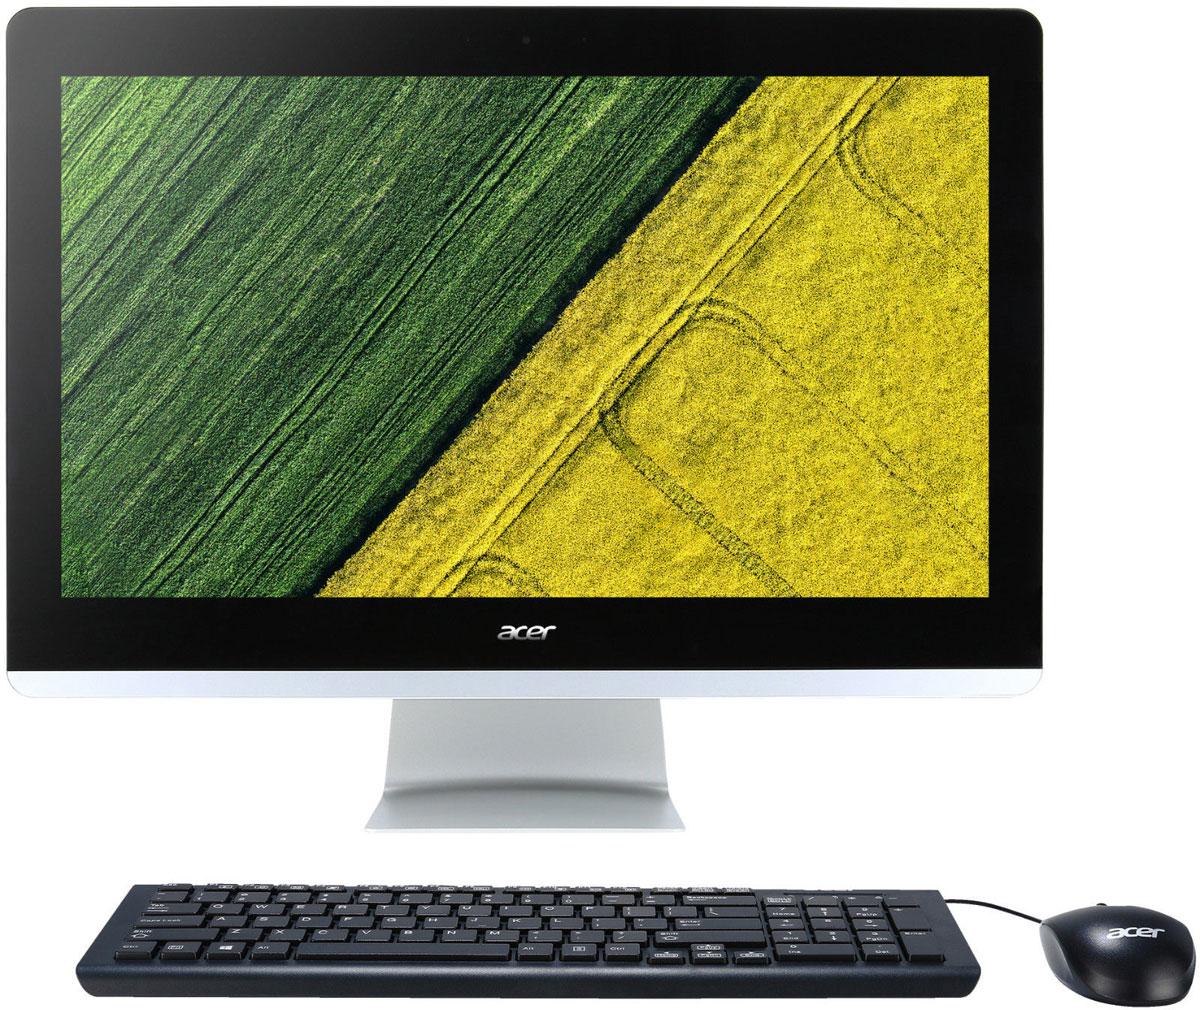 Acer Aspire Z22-780, Black моноблок (DQ.B82ER.001) - Настольные компьютеры и моноблоки